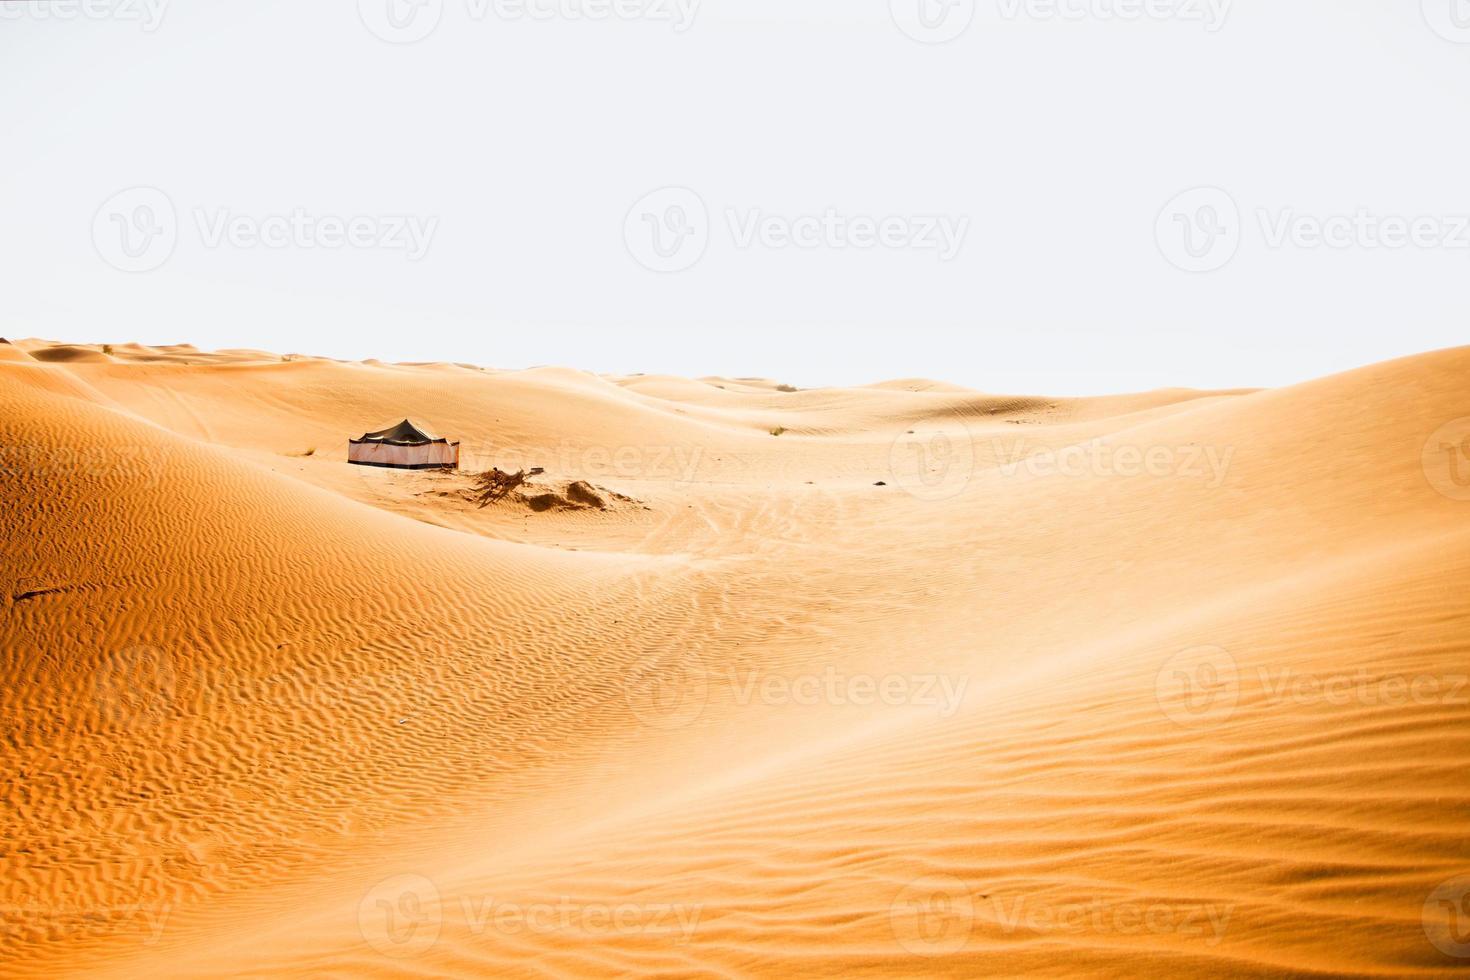 grote tent in een woestijn foto